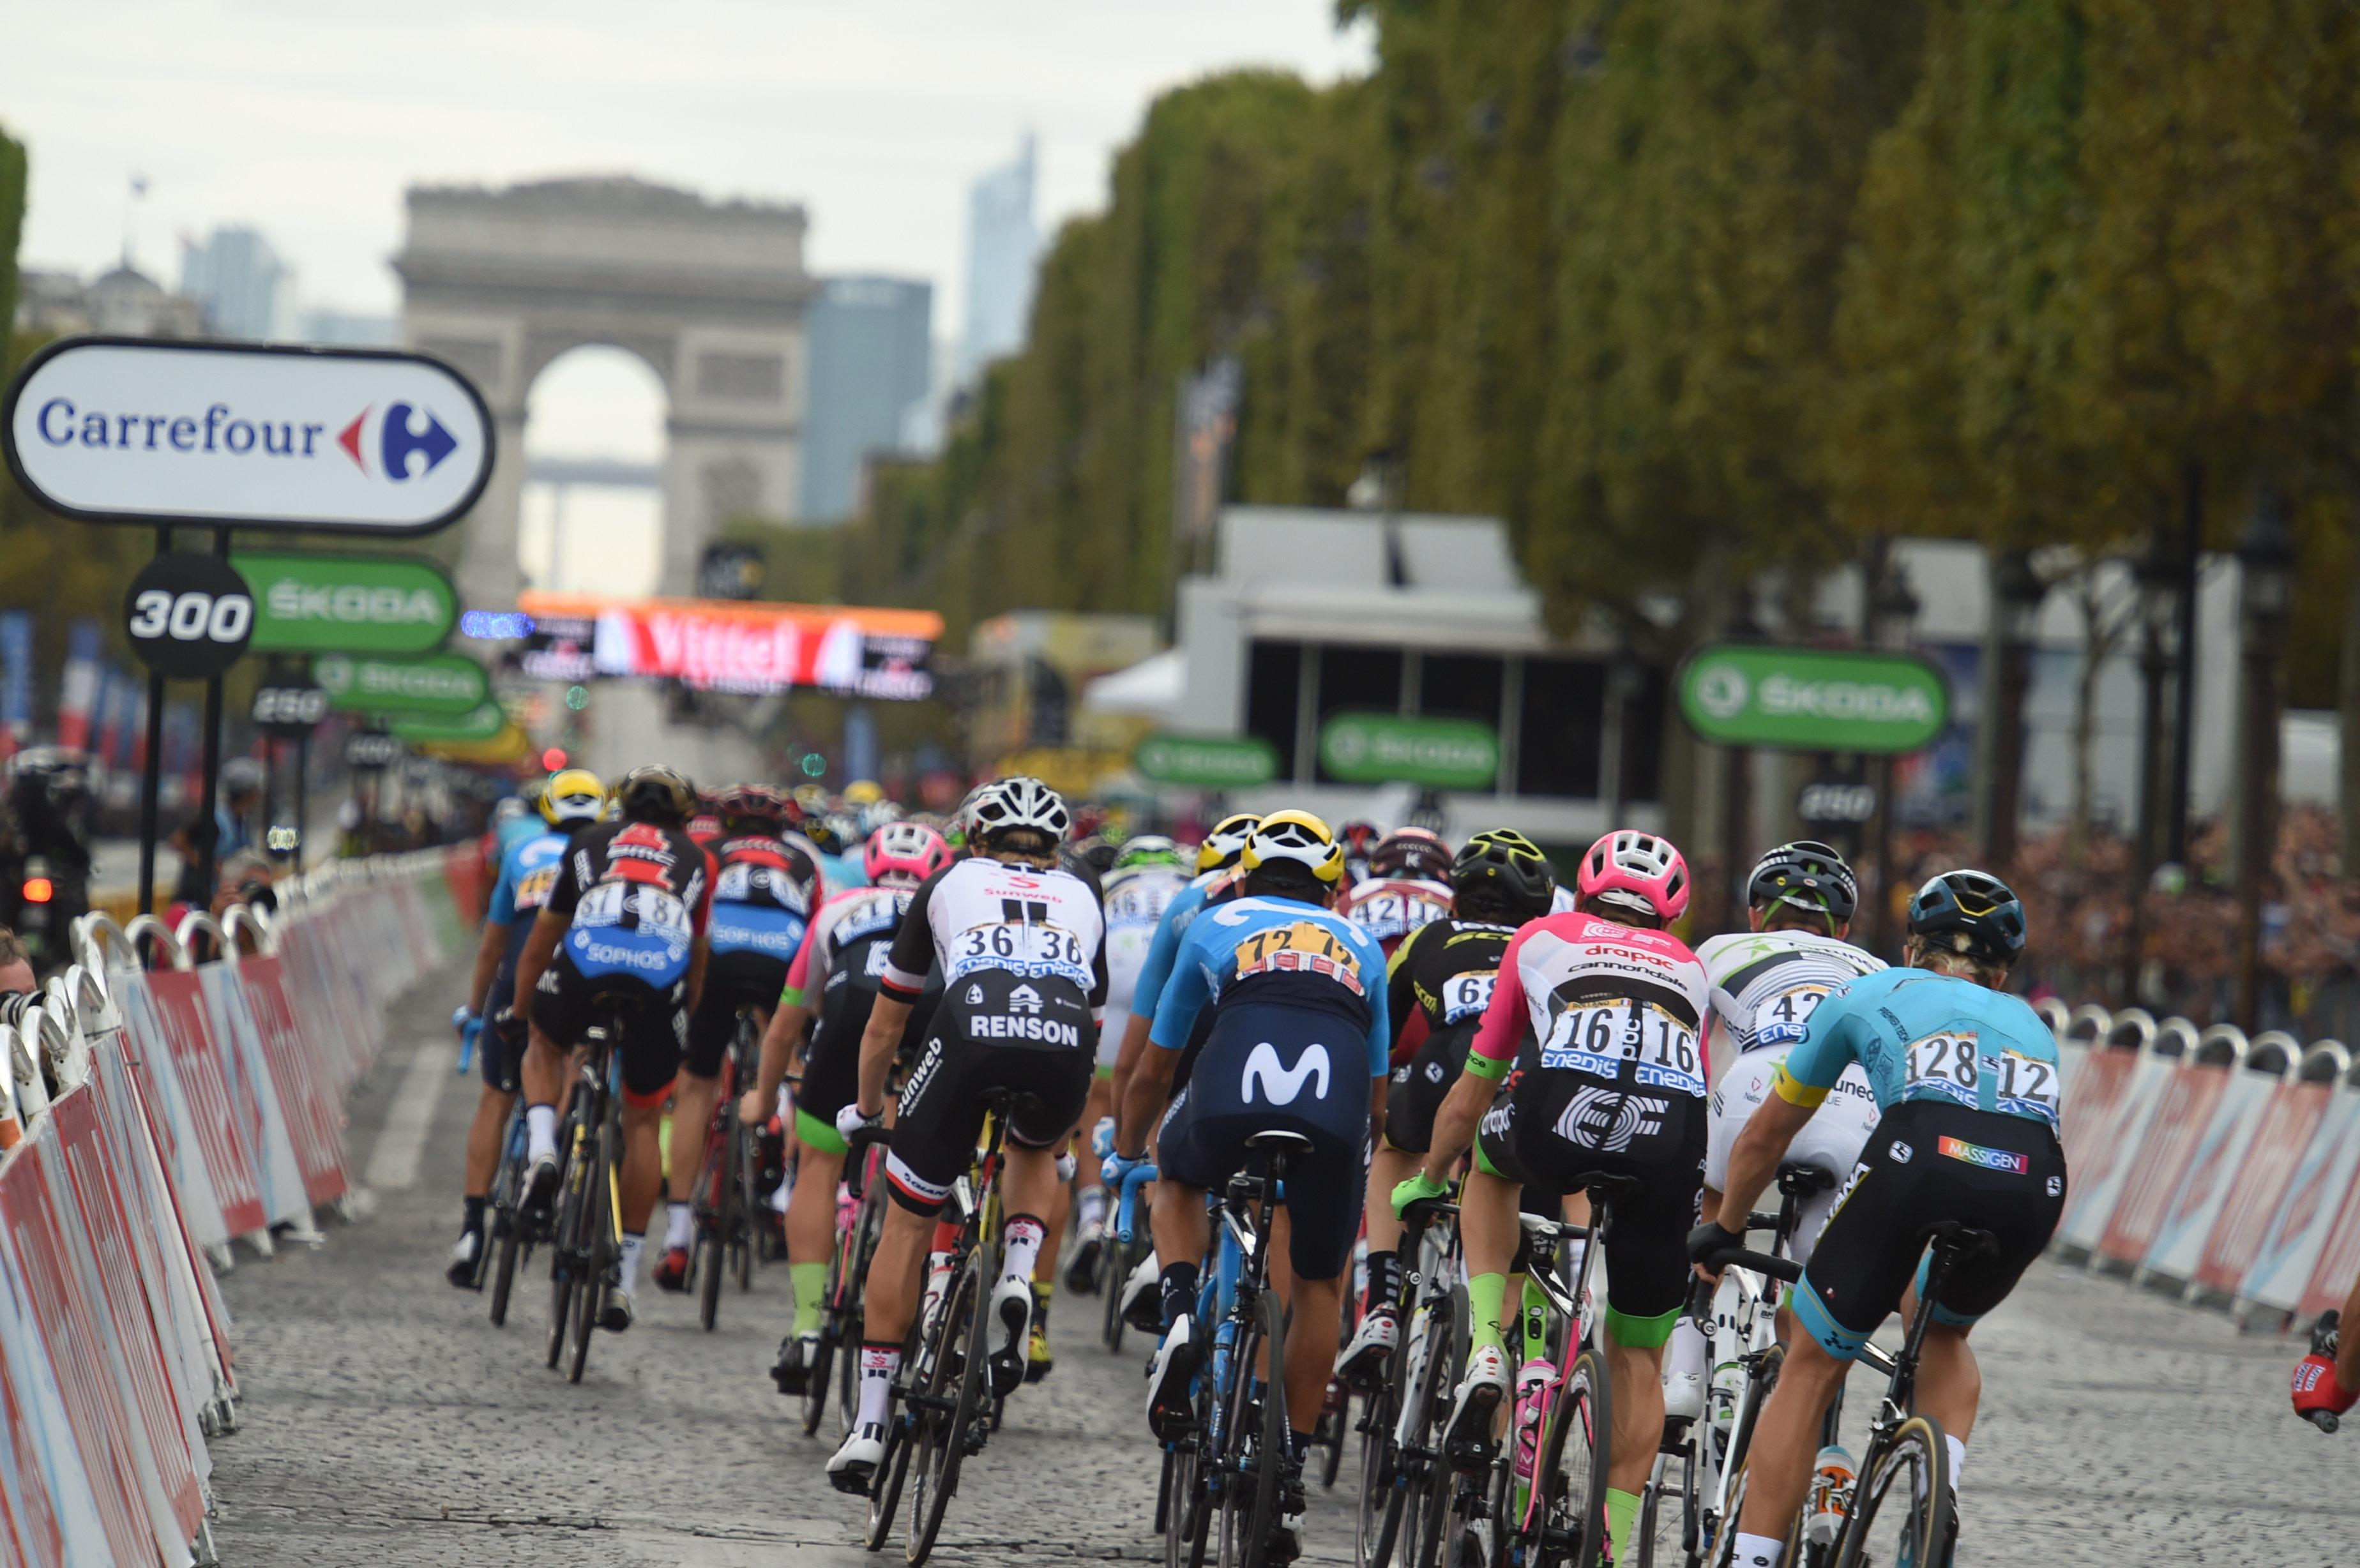 Reakcije na traso Toura: Zahtevni klanci, a kje so km v kronometru?